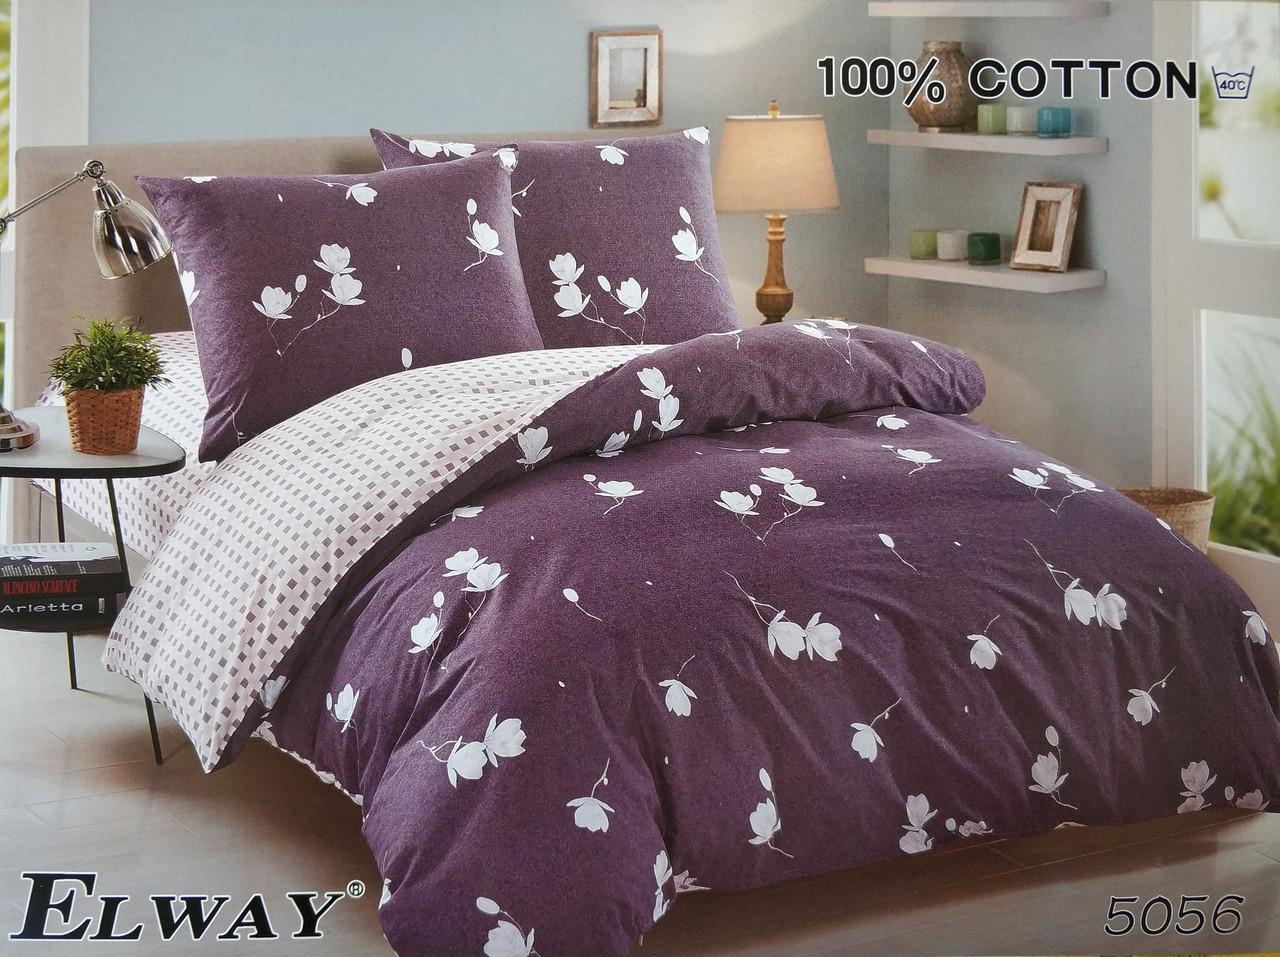 Сатиновое постельное белье полуторное ELWAY 5056 «Цветочный орнамент»